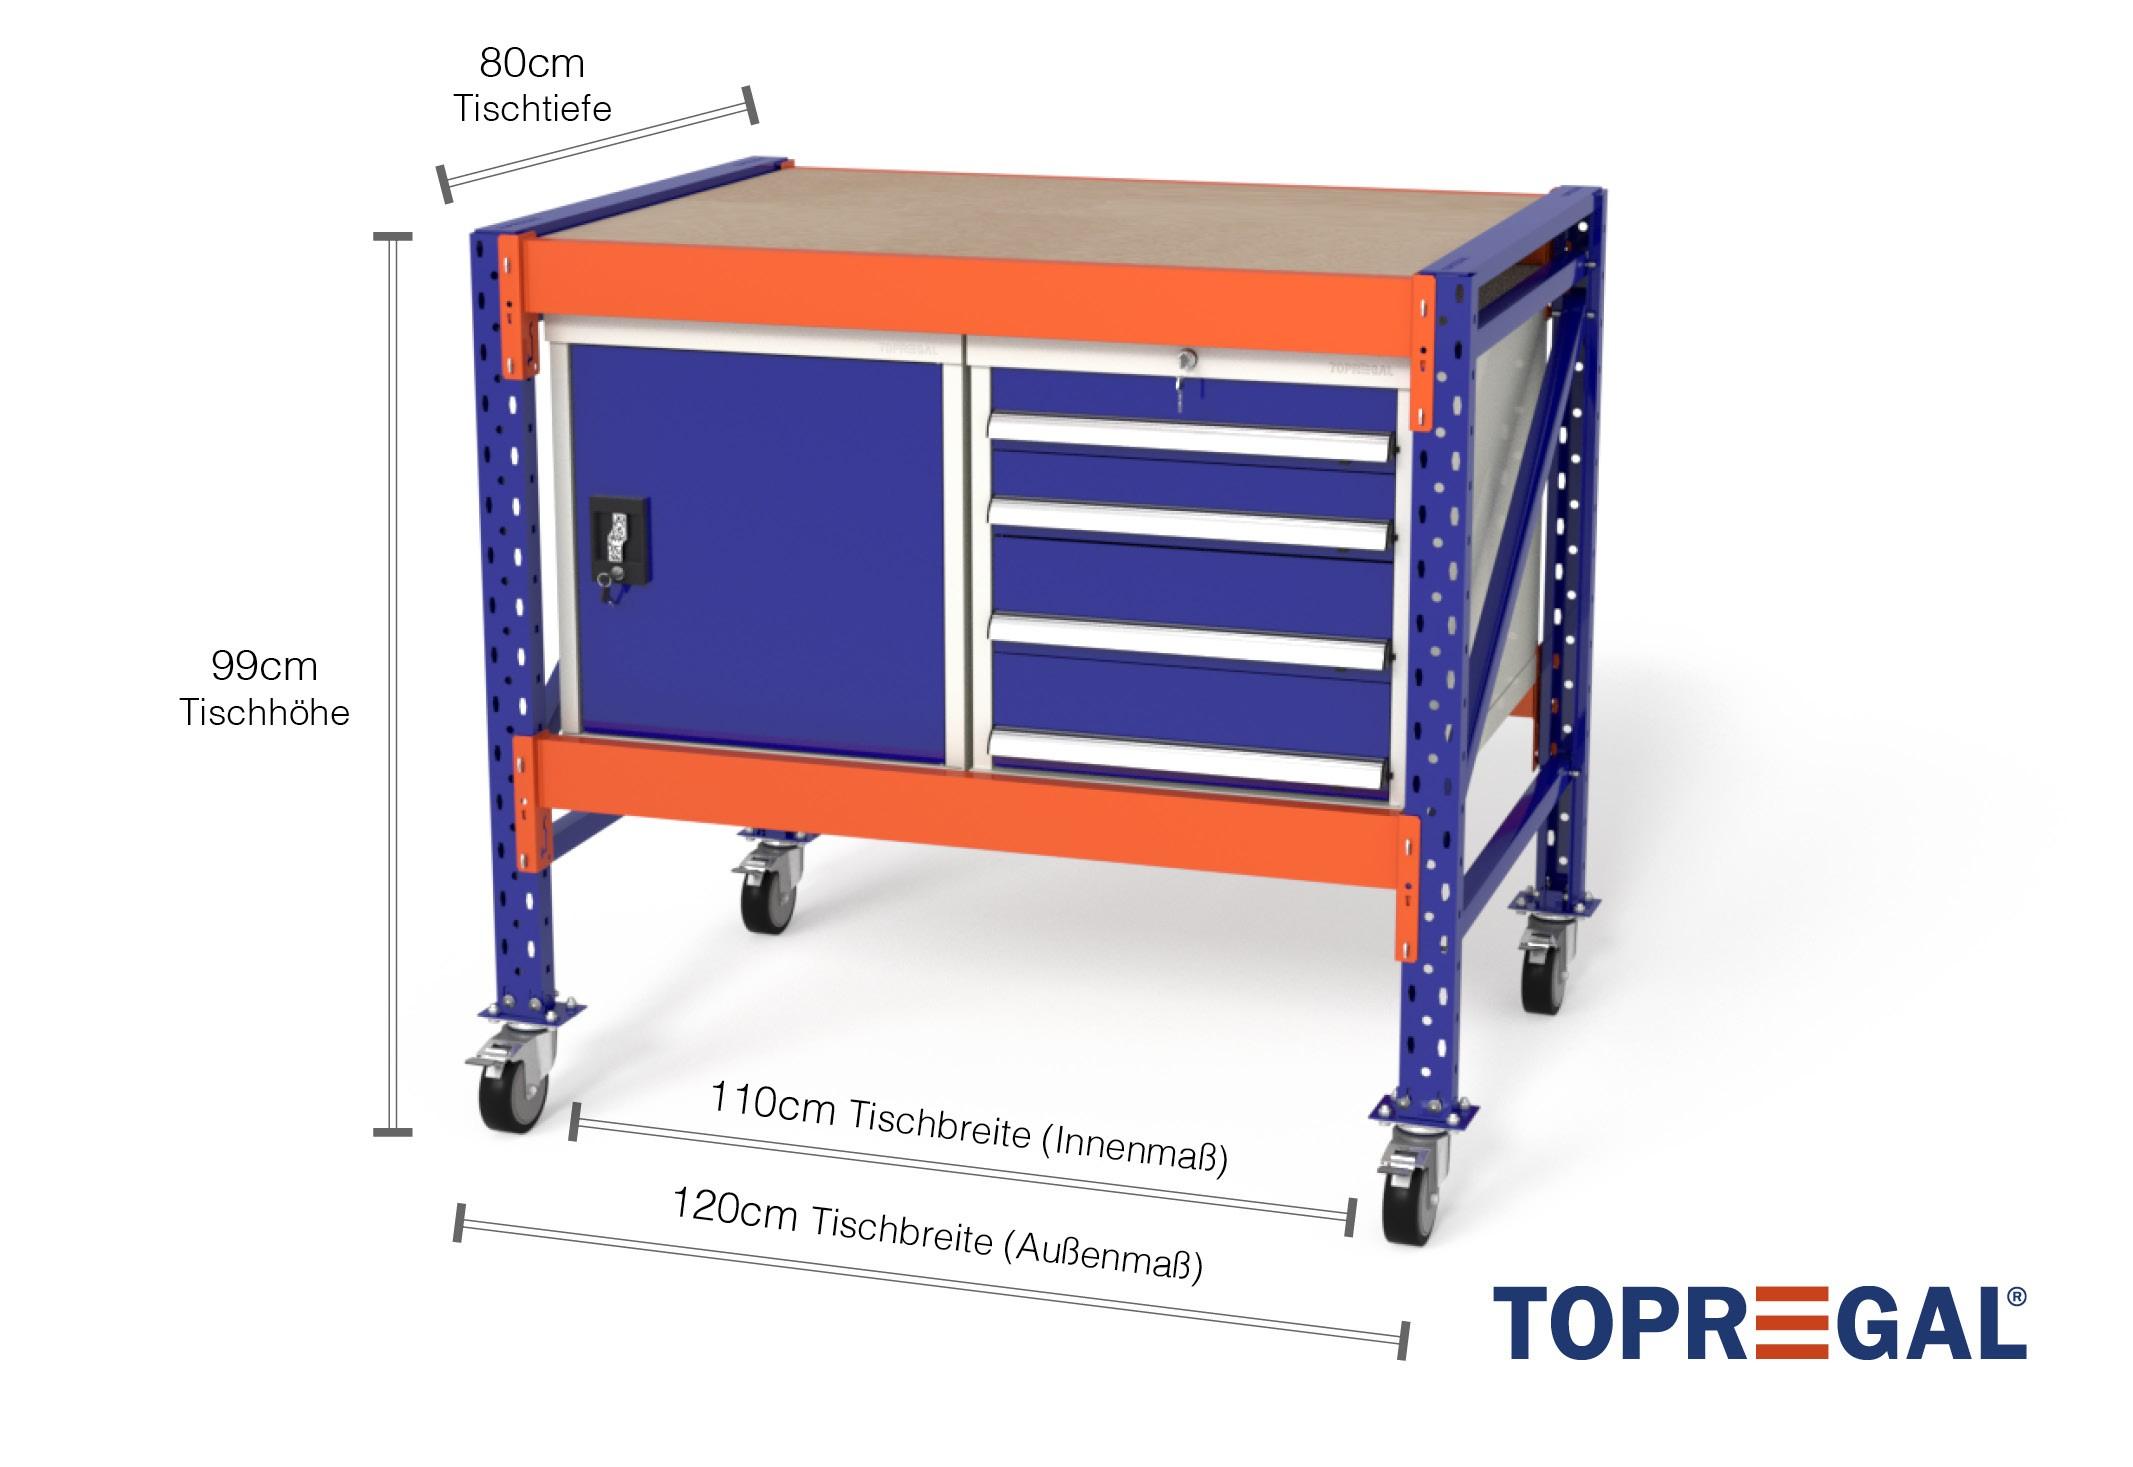 werkbank mit rollen mfw1000 werkb nke fahrbar mit je 1xws4 1xwst werkzeugschrank b 120cm t. Black Bedroom Furniture Sets. Home Design Ideas